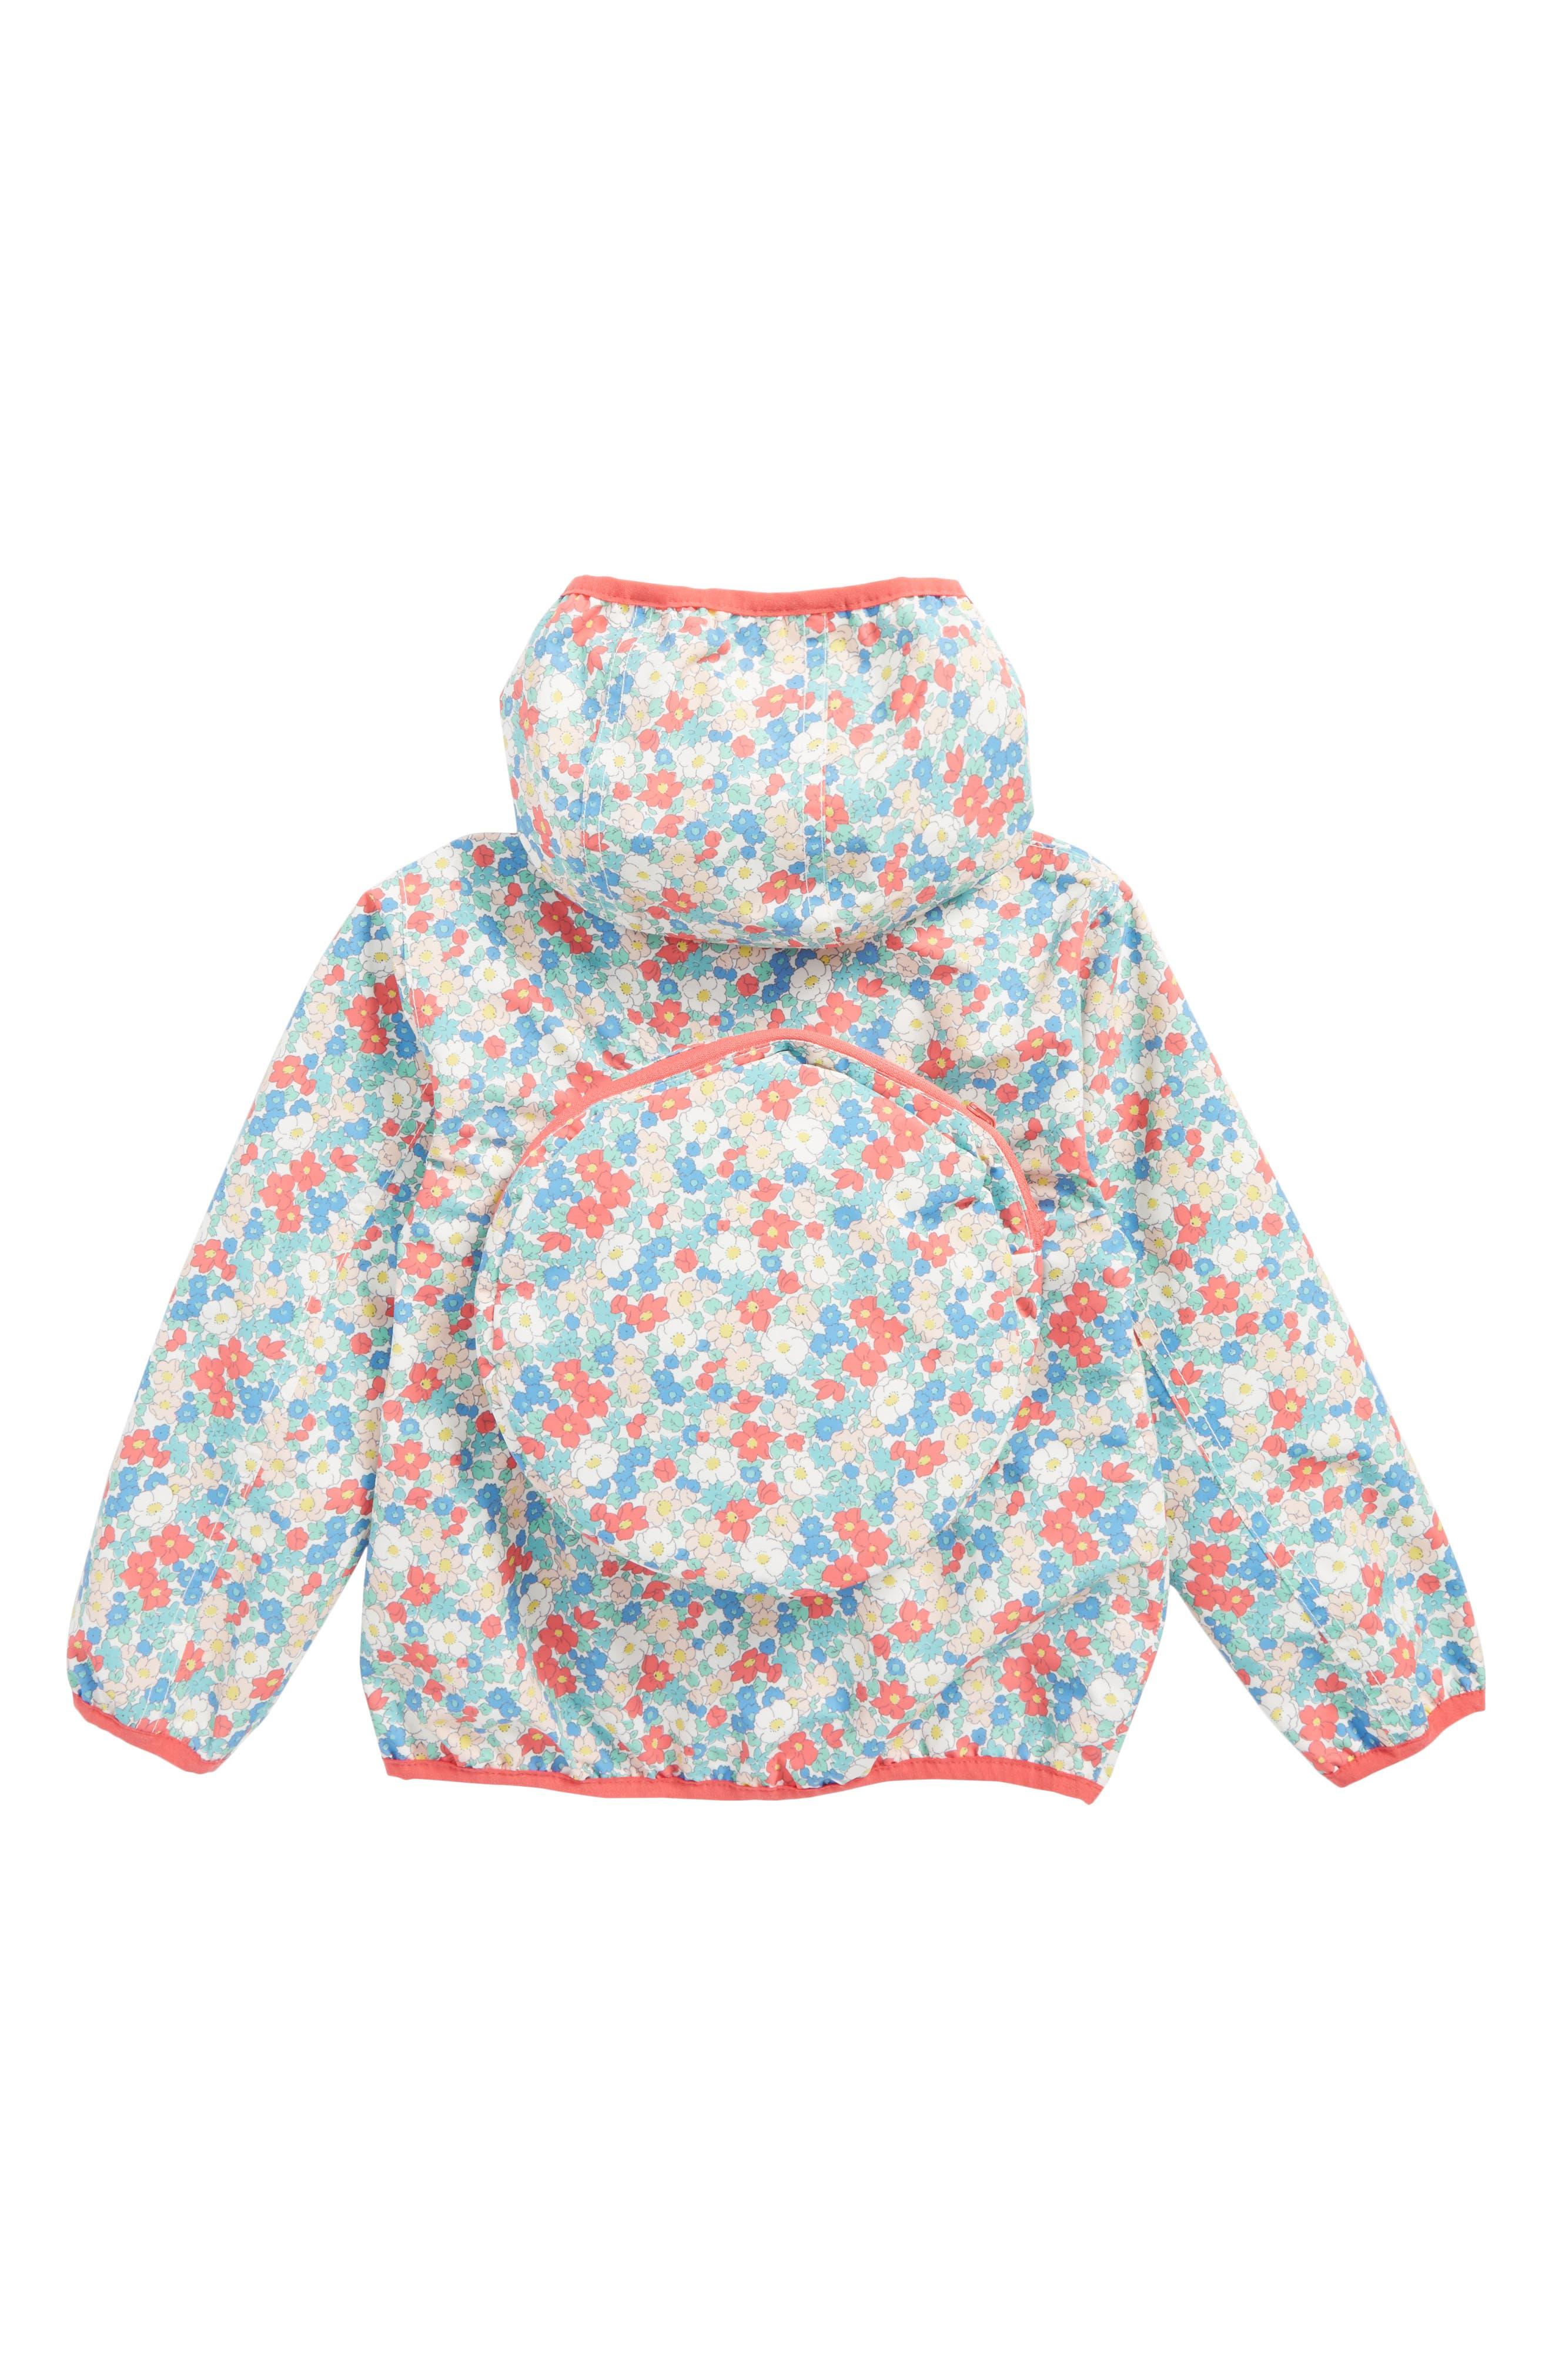 Packaway Waterproof Jacket,                             Alternate thumbnail 2, color,                             656